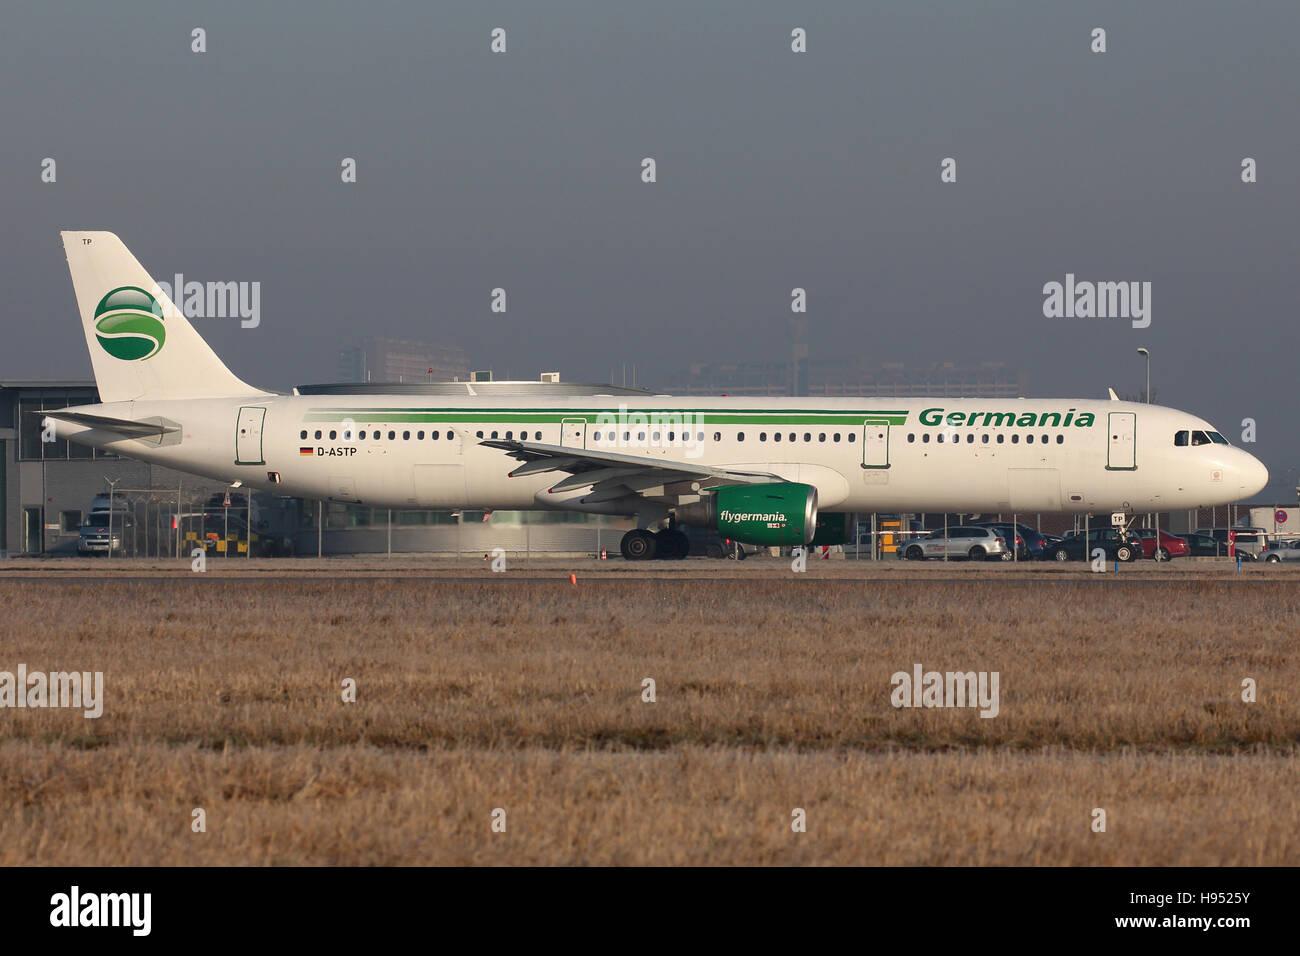 Stuttgart, Germania - 26 Febbraio 2016: Germania, Airbus A321 all'Aeroporto di Stoccarda Immagini Stock